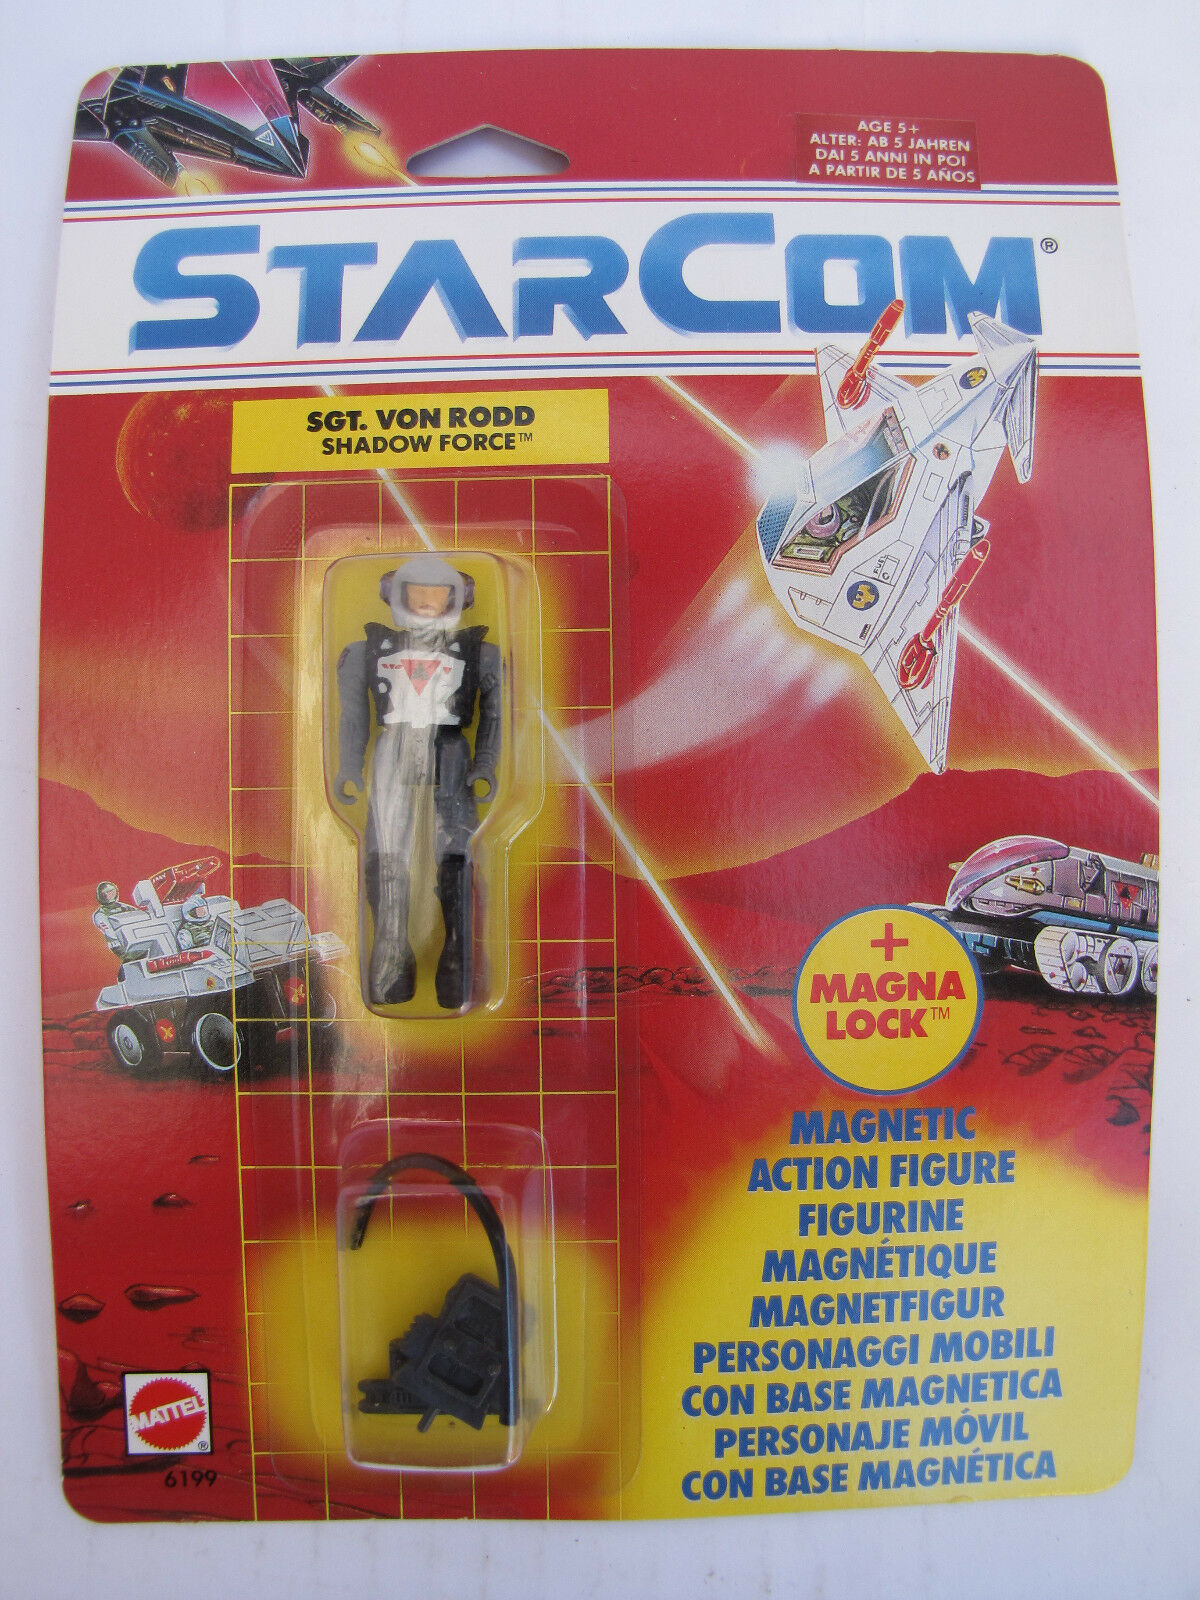 European Exclusive Starcom 6199 Sgt Von Von Von Rodd Mattel 1990 MOC NOS Excellent 8fc52d